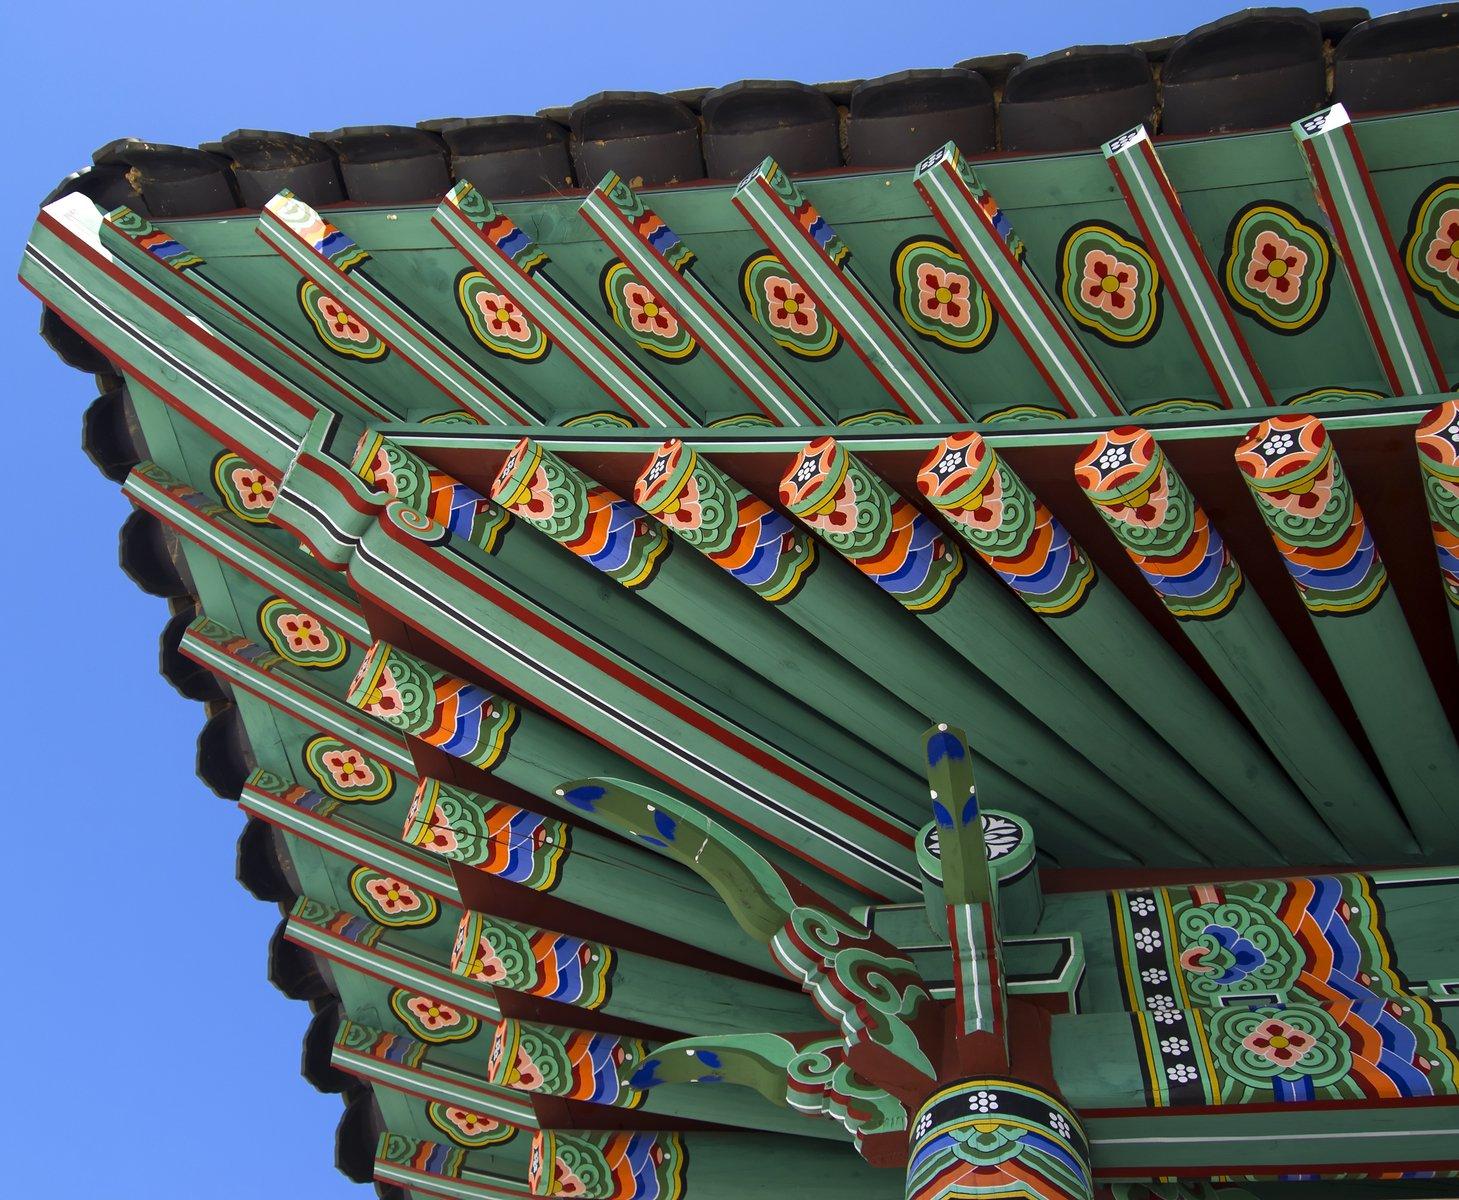 Viața în Seul, Coreea de Sud. 7 lucruri pe care nu le știai.